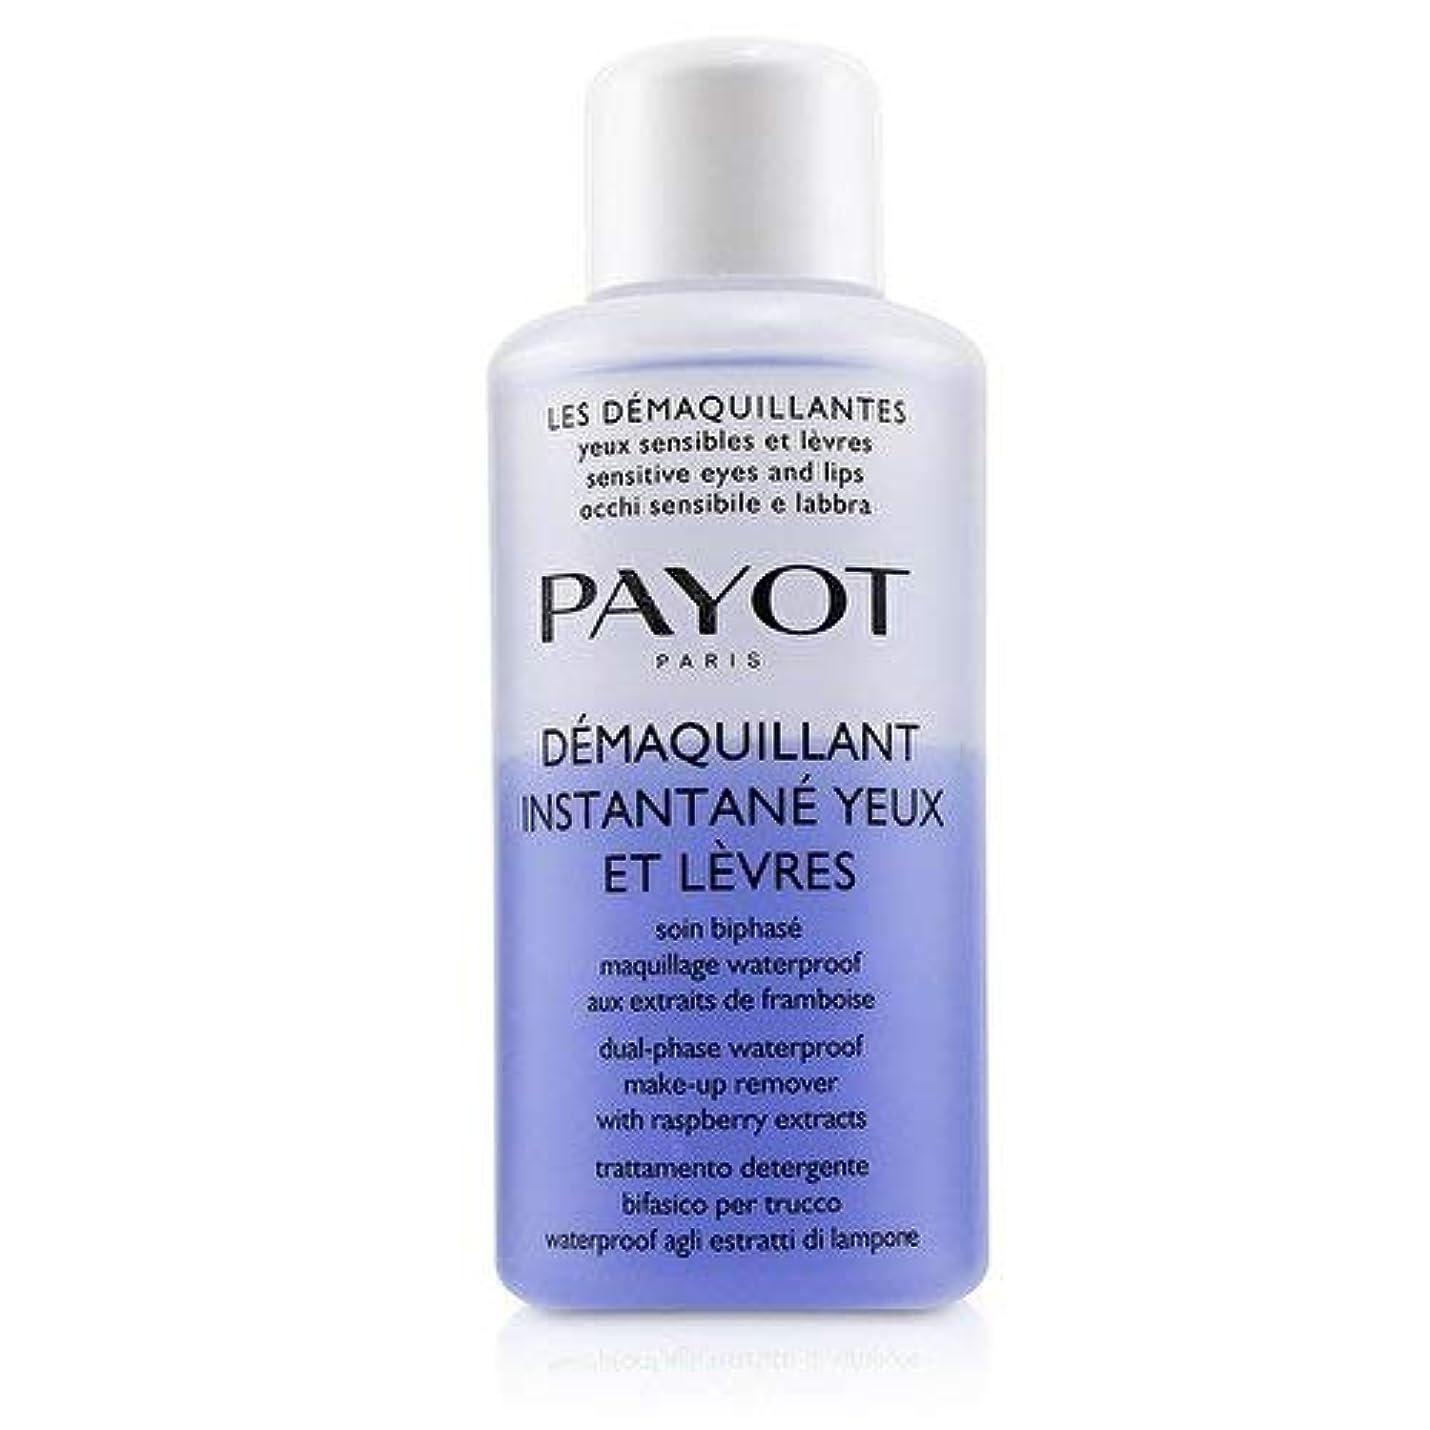 運搬実行可能蘇生するパイヨ Les Demaquillantes Demaquillant Instantane Yeux Dual-Phase Waterproof Make-Up Remover - For Sensitive Eyes (Salon Size) 200ml/6.7oz並行輸入品